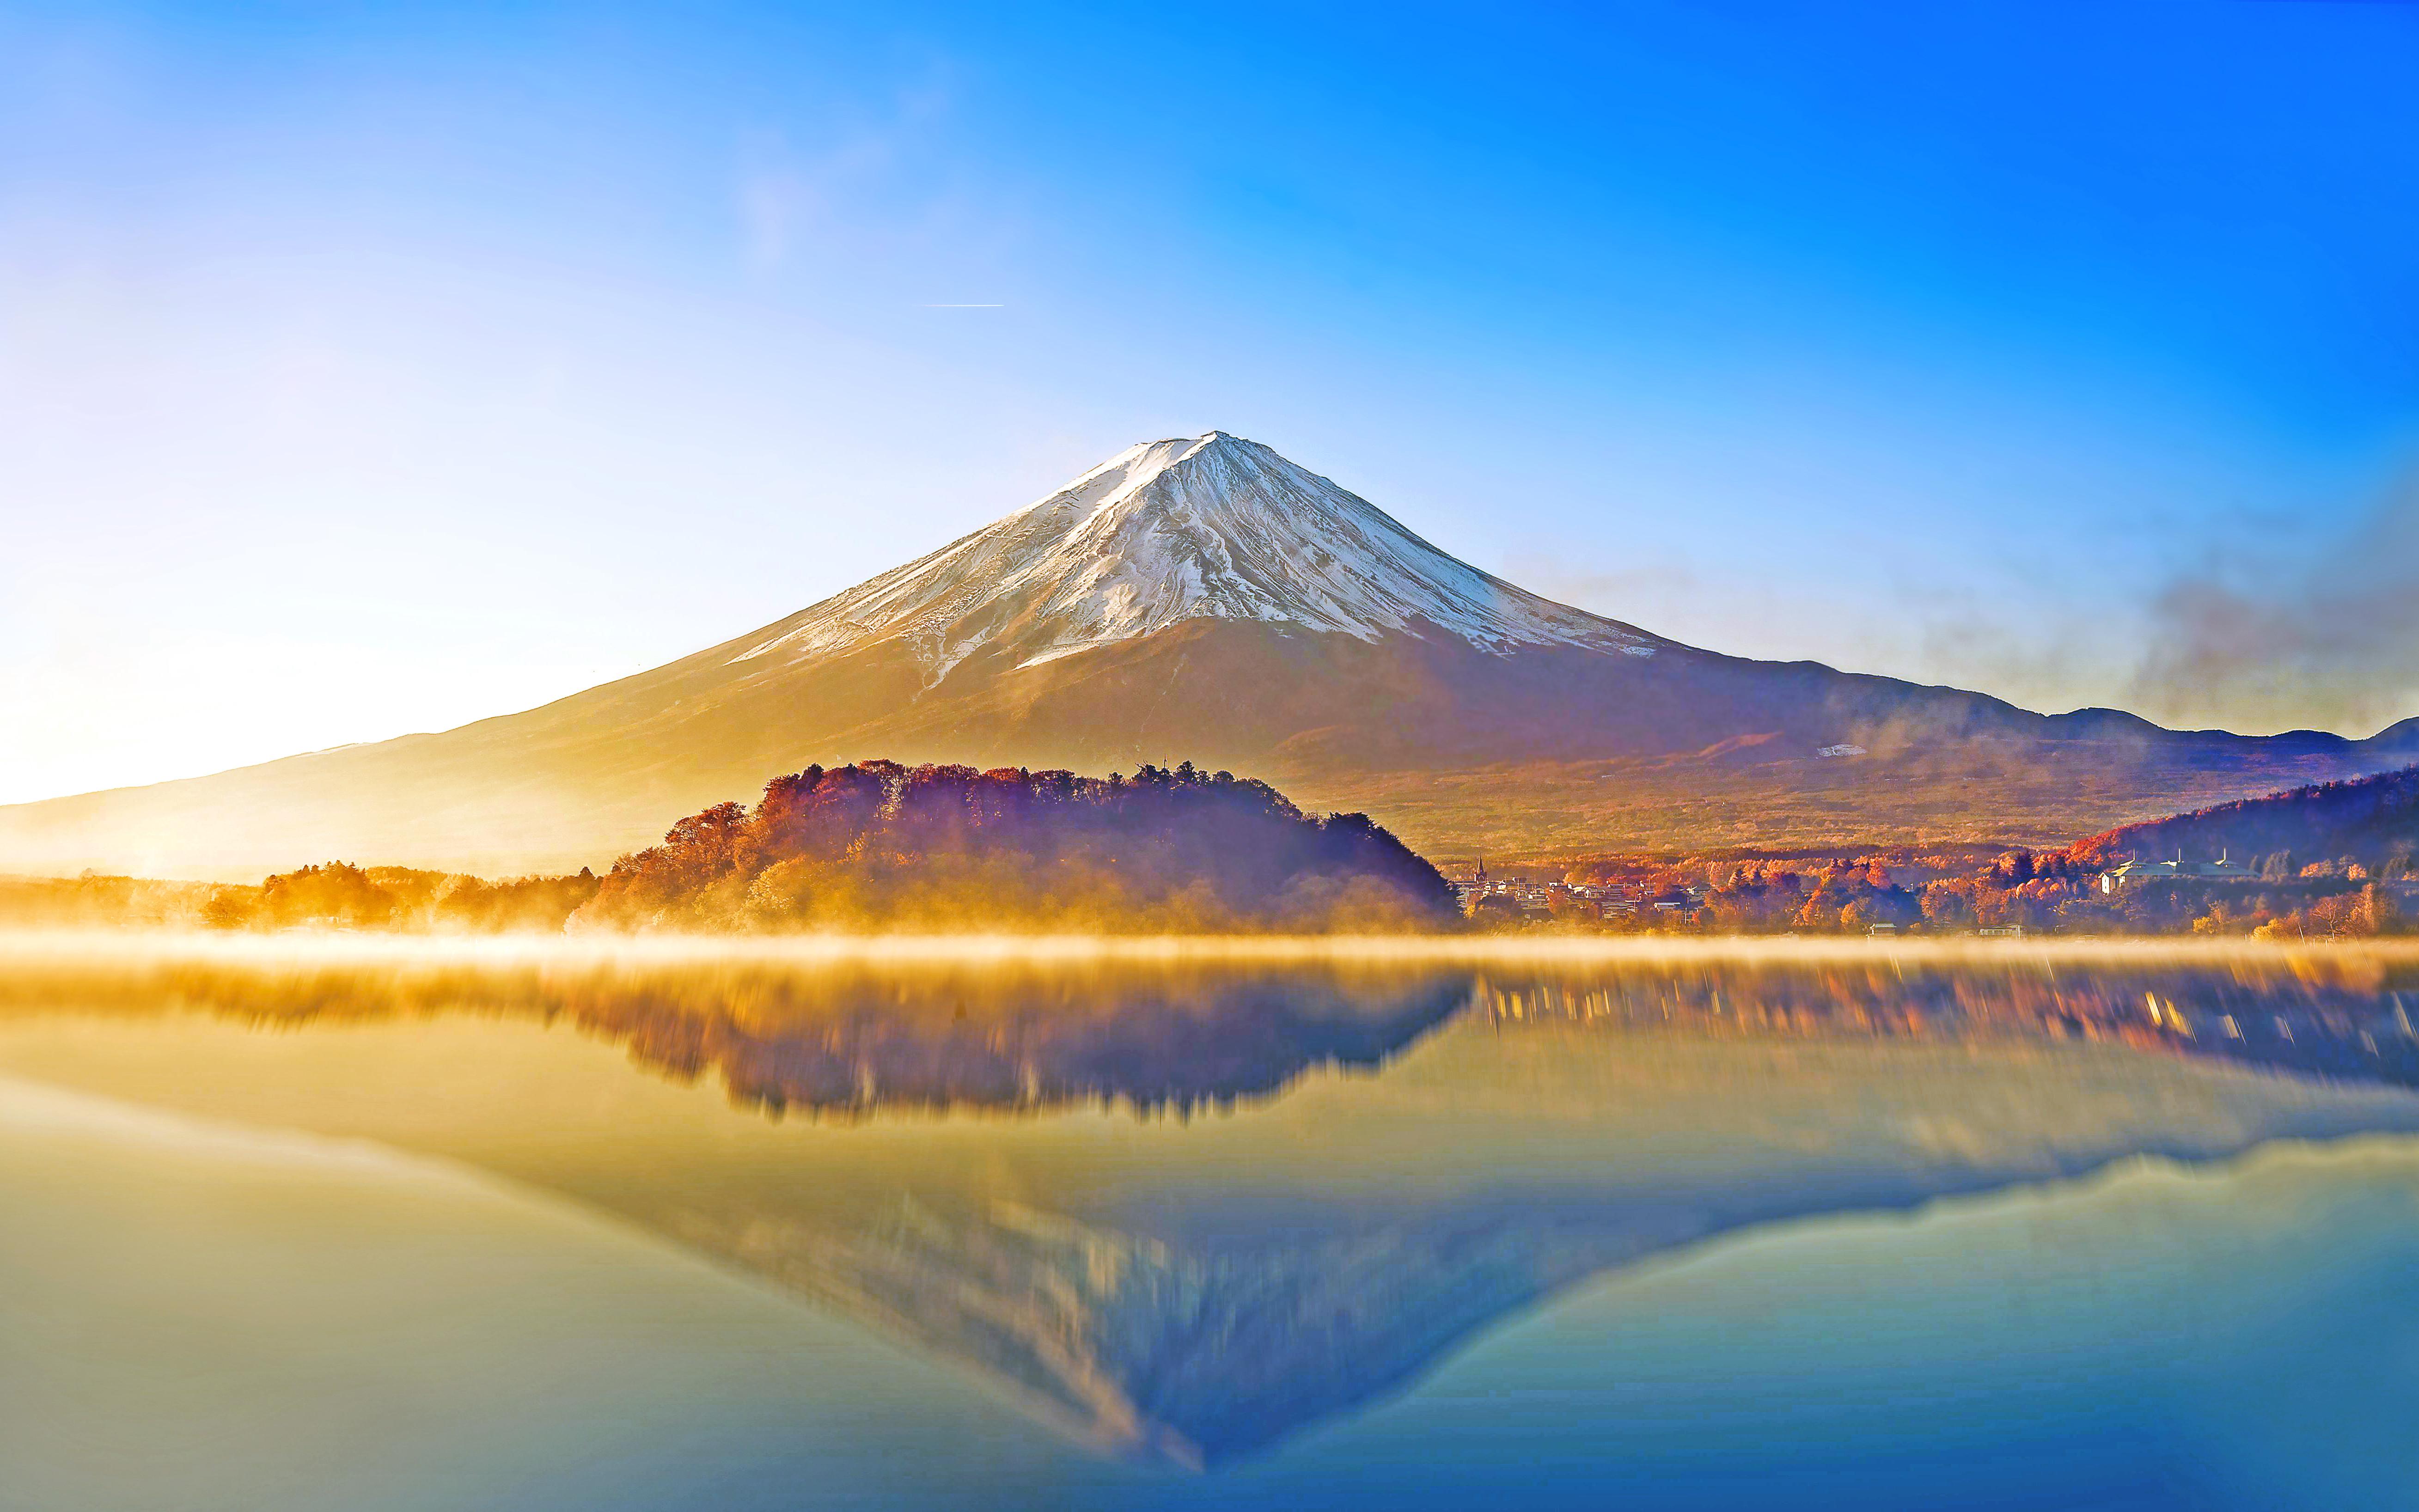 Mount Fuji 5k